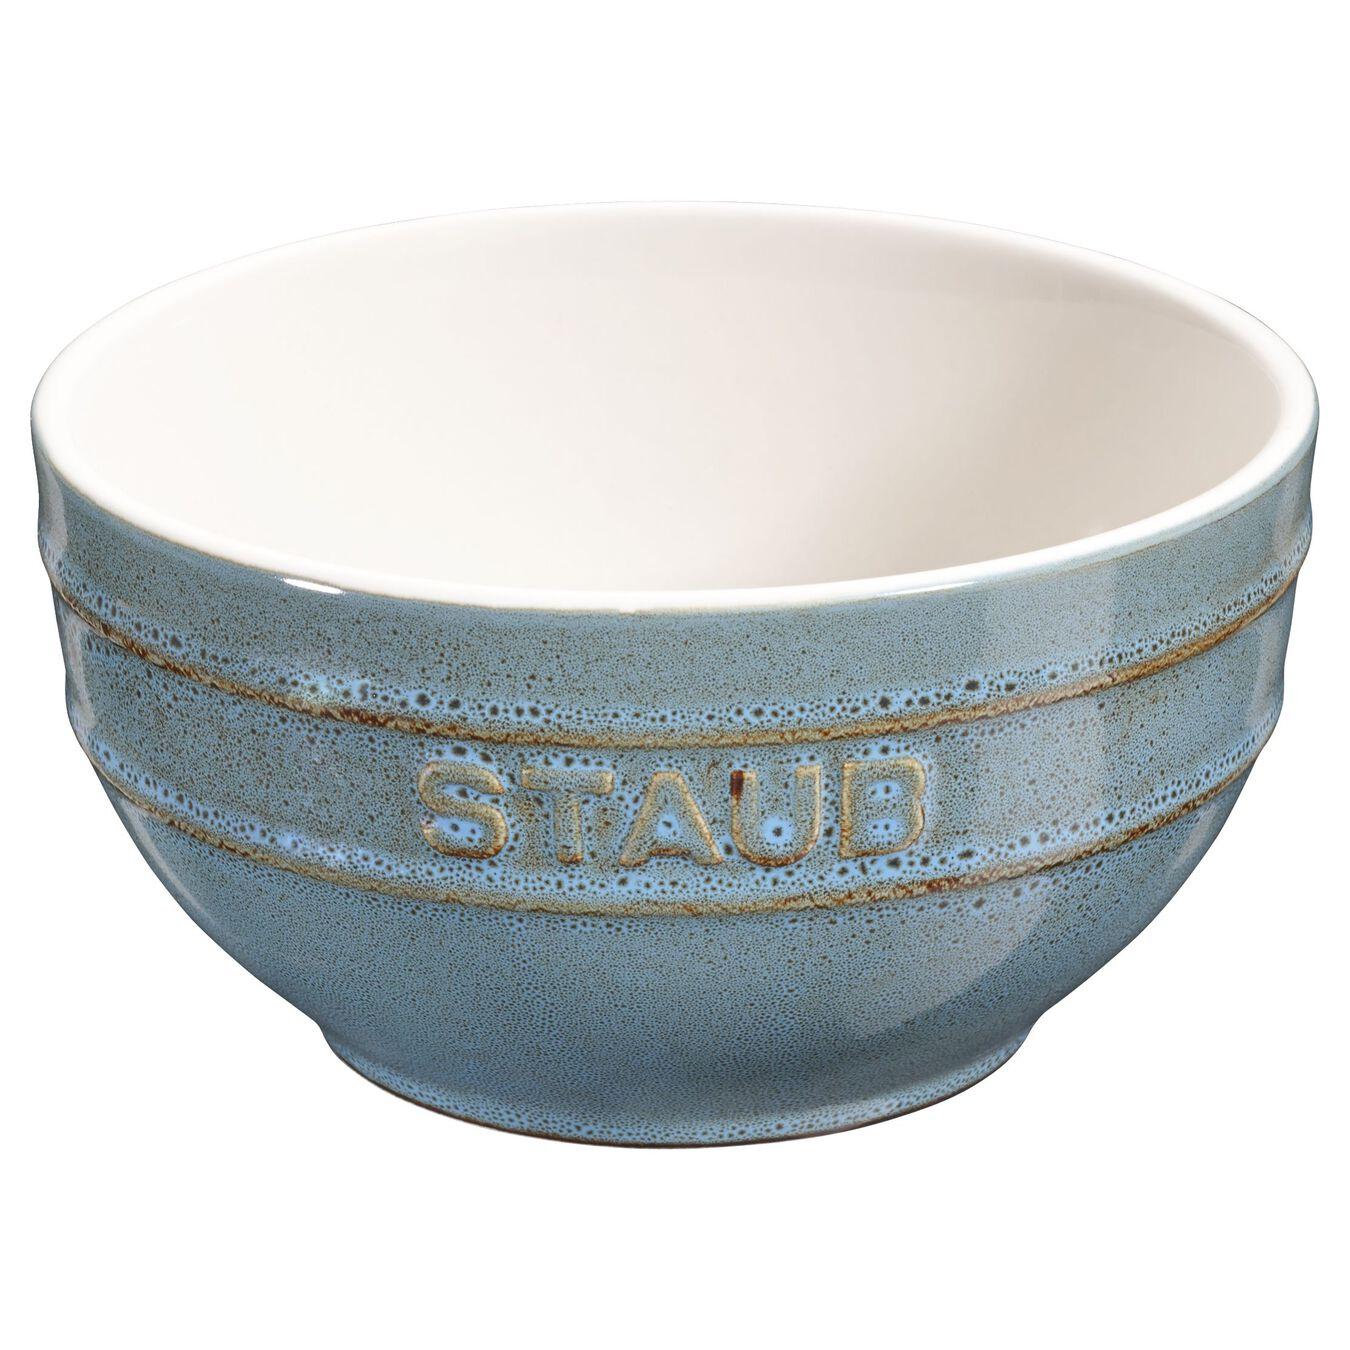 17 cm Ceramic round Bol, Ancient-Turquoise,,large 1